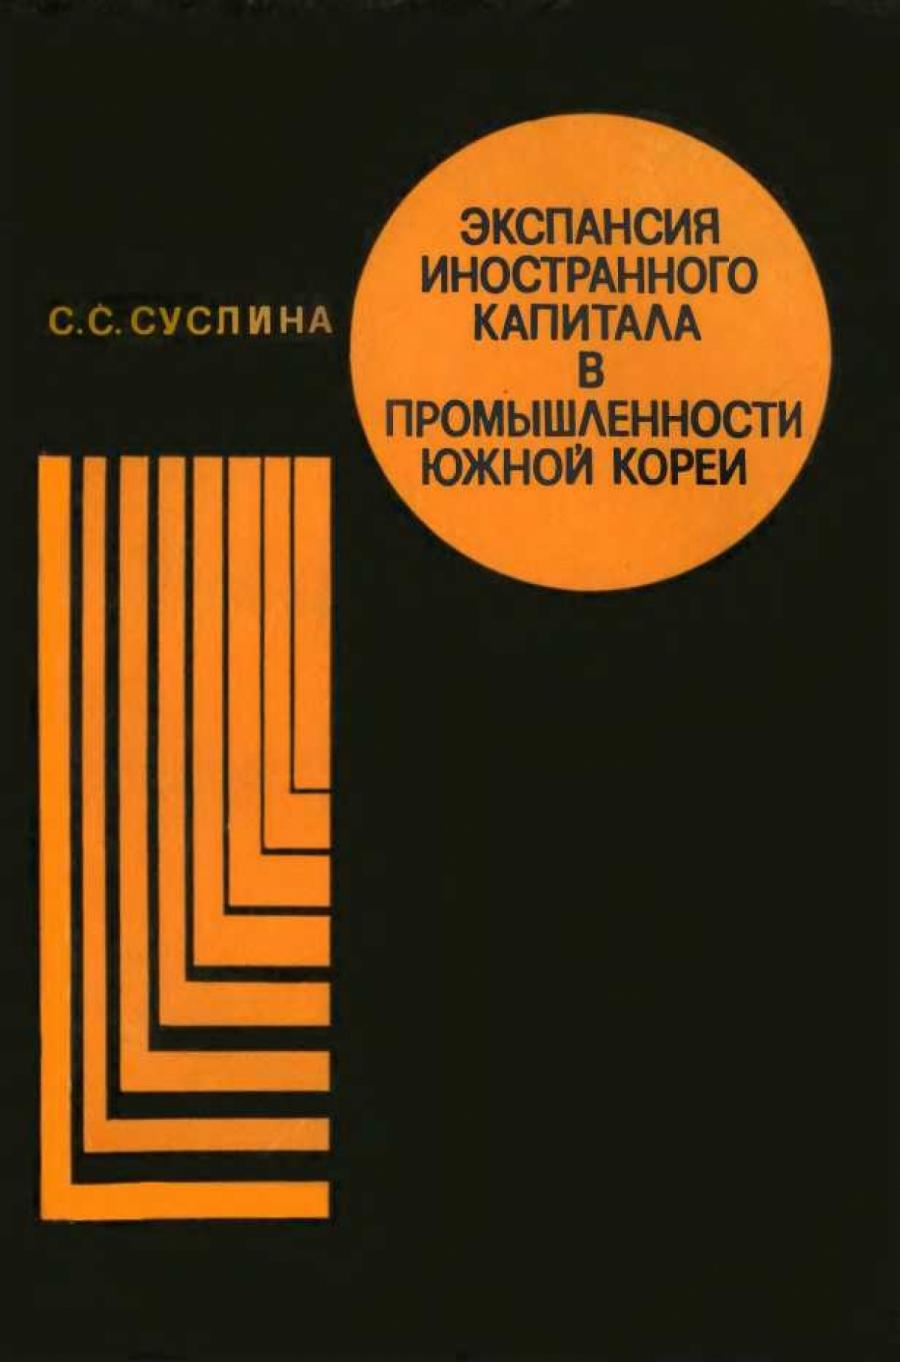 Обложка книги:  суслина с. с. - экспансия иностранного капитала в промышленность южной кореи